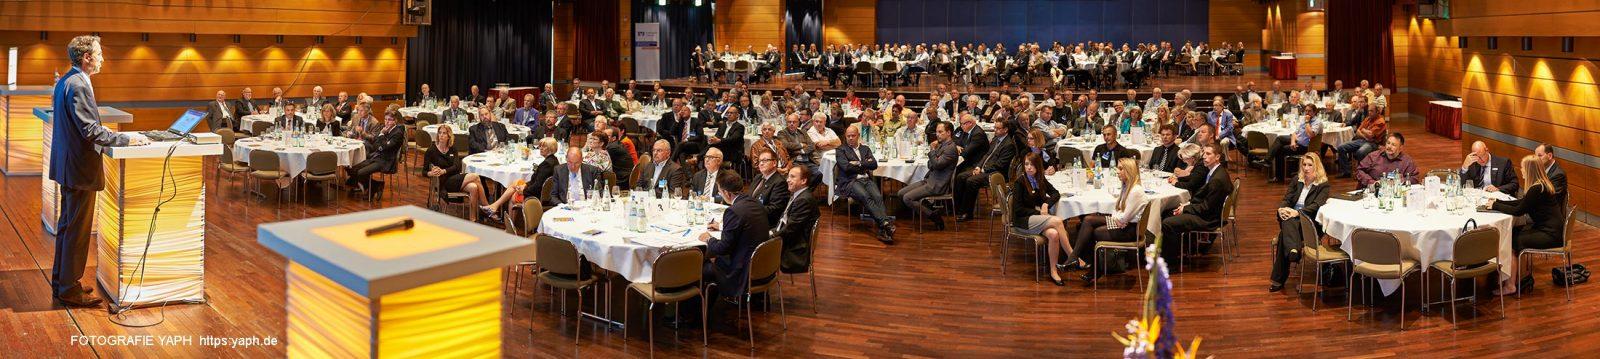 Fotograf für Veranstaltung, Events und Presse Yaph, Dokumentation: Vertriebsversammlung Volksbank Trier eg in der Europahalle in Trier